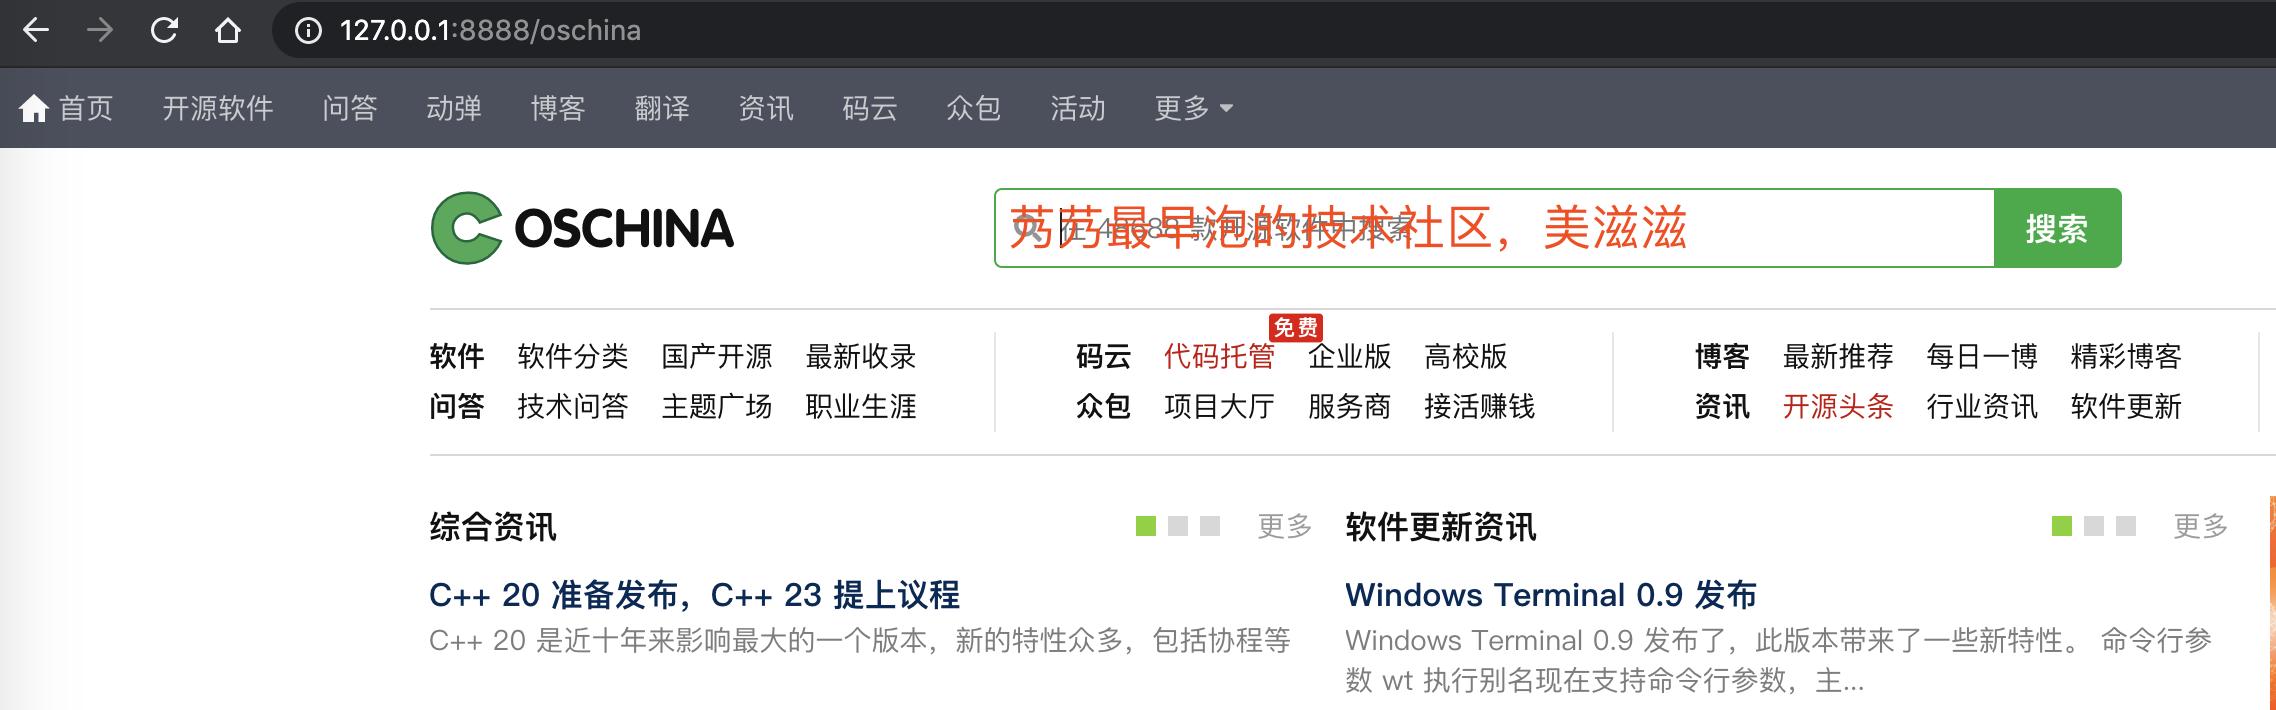 http://www.oschina.net